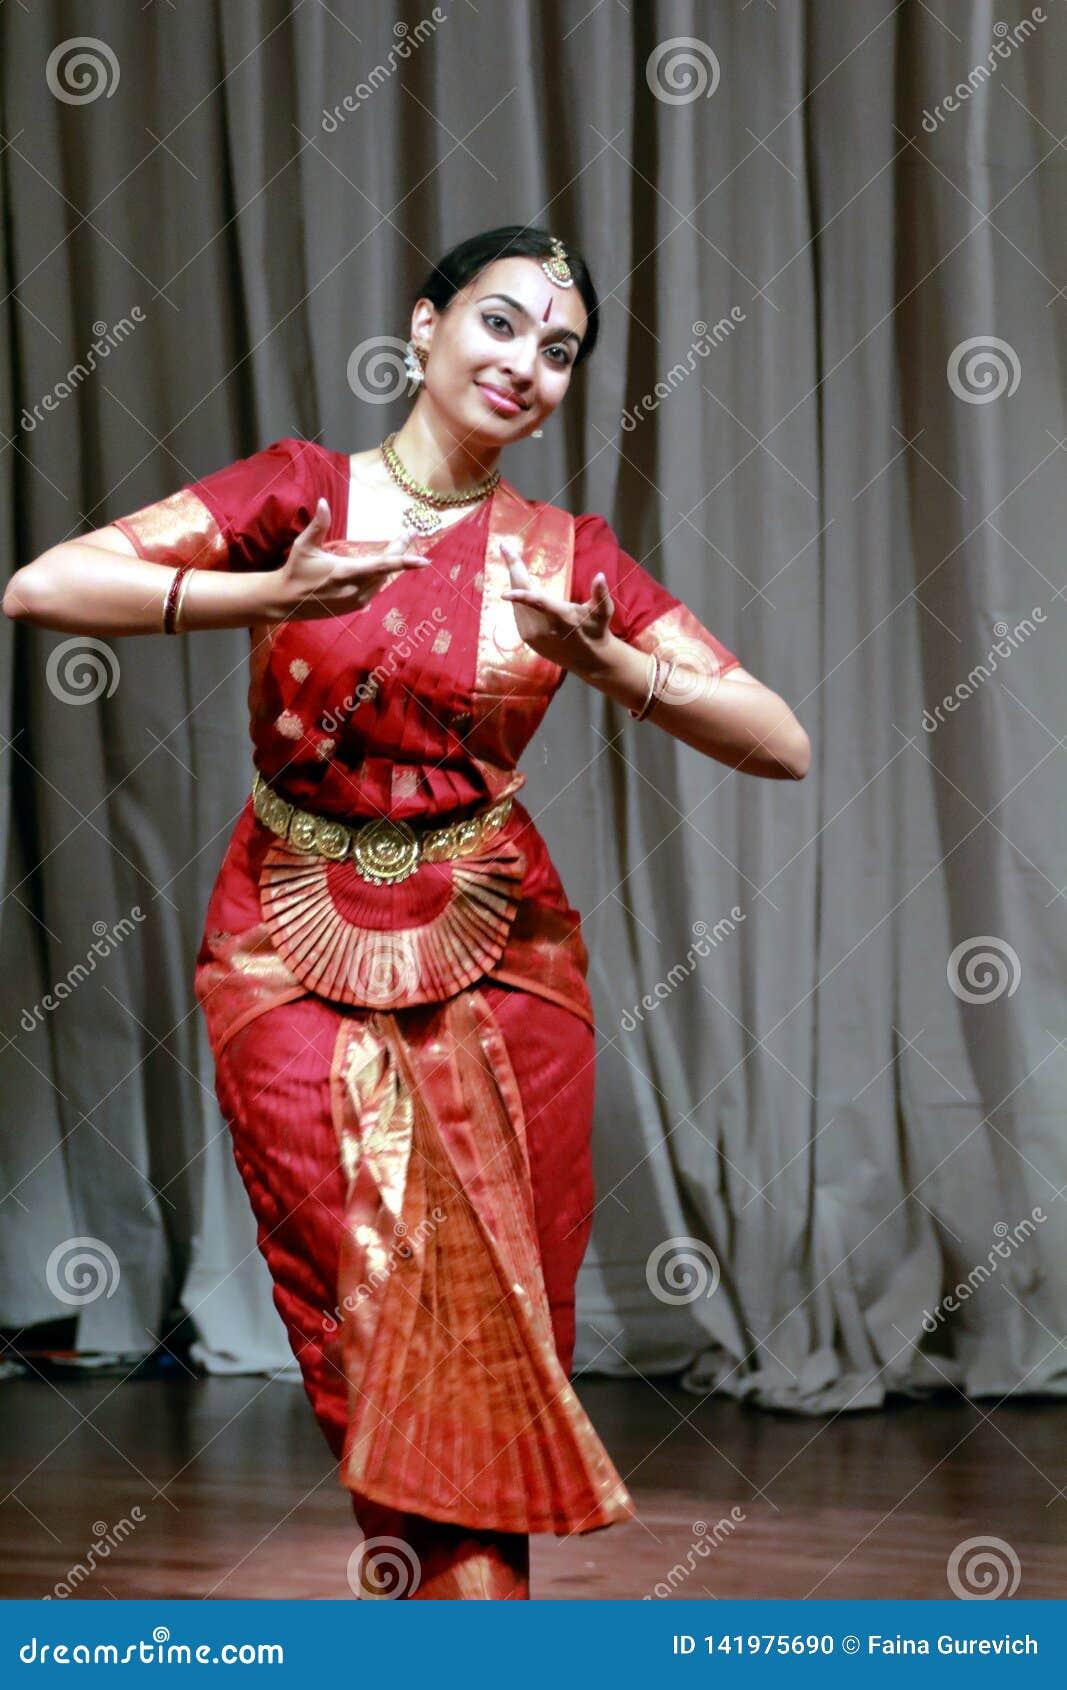 Aruna Kharod, die bharatanatyam klassischen Tanz in Blanton-Kunstmuseum durchführt